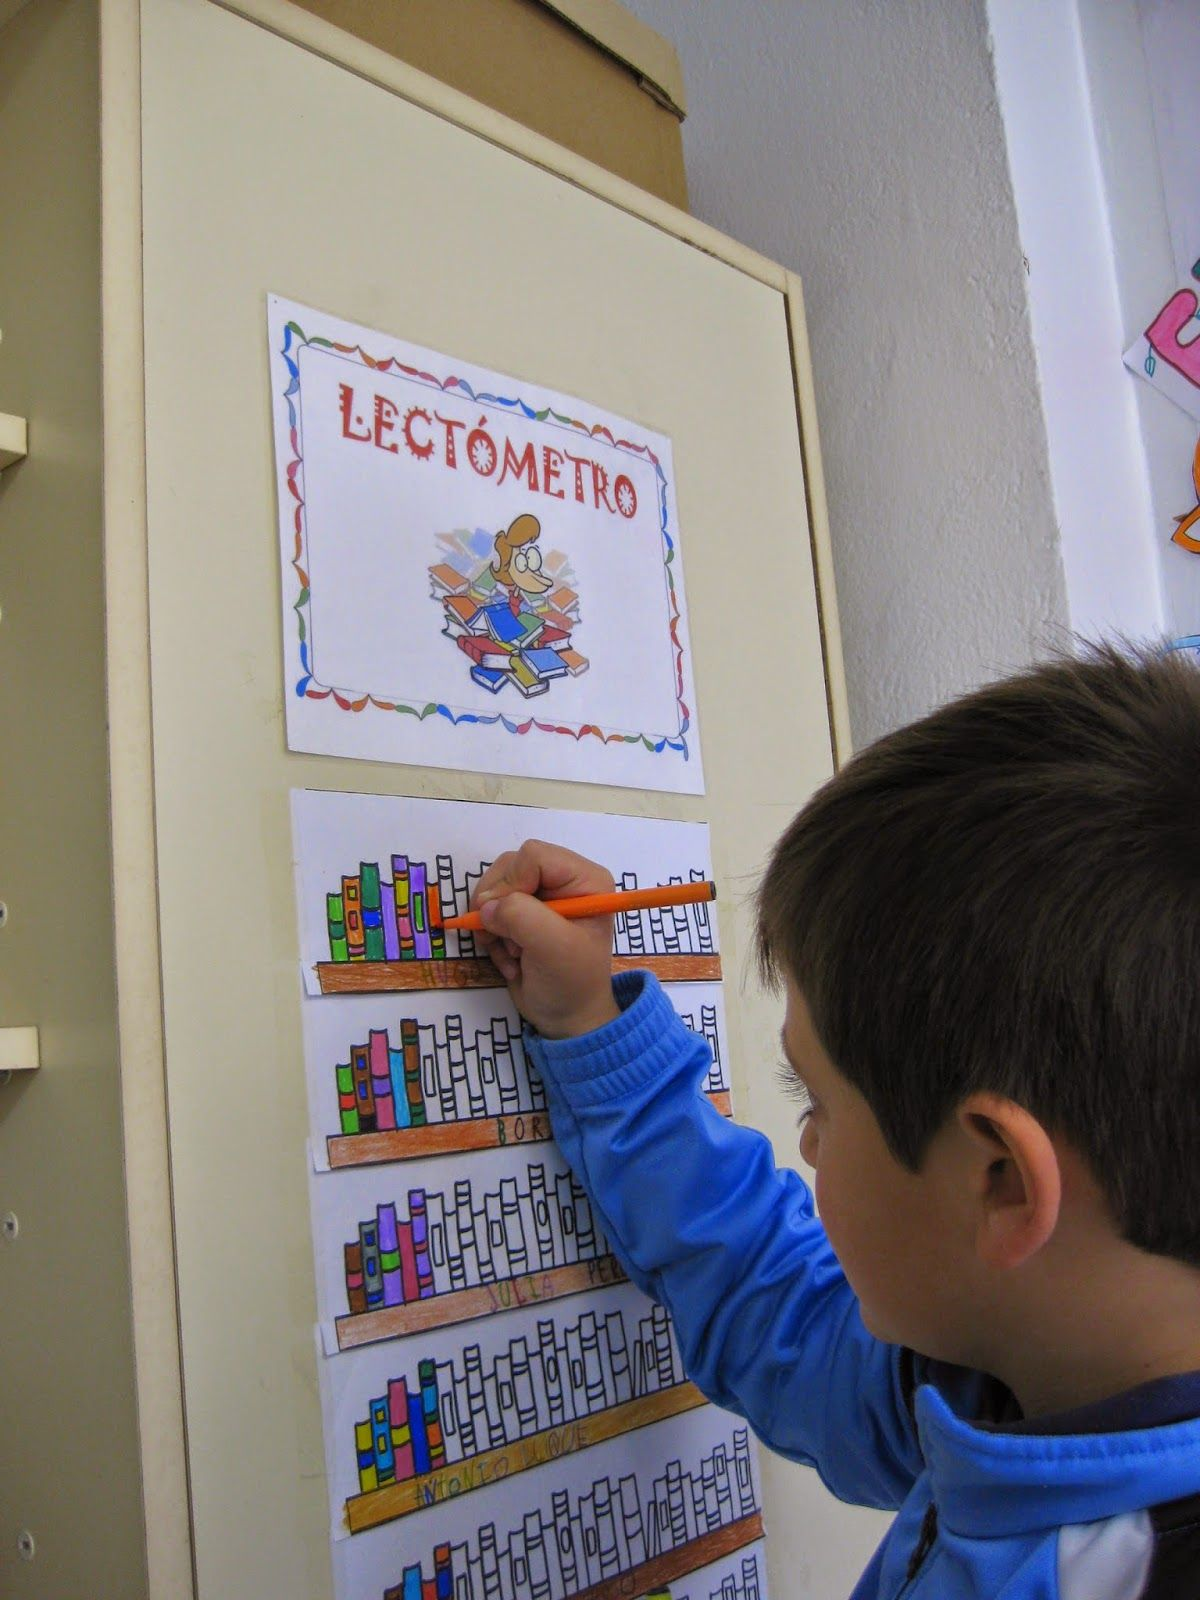 La Biblioteca De Aula Es El Espacio Lector Mas Proximo Y Cotidiano En El Escenario De La